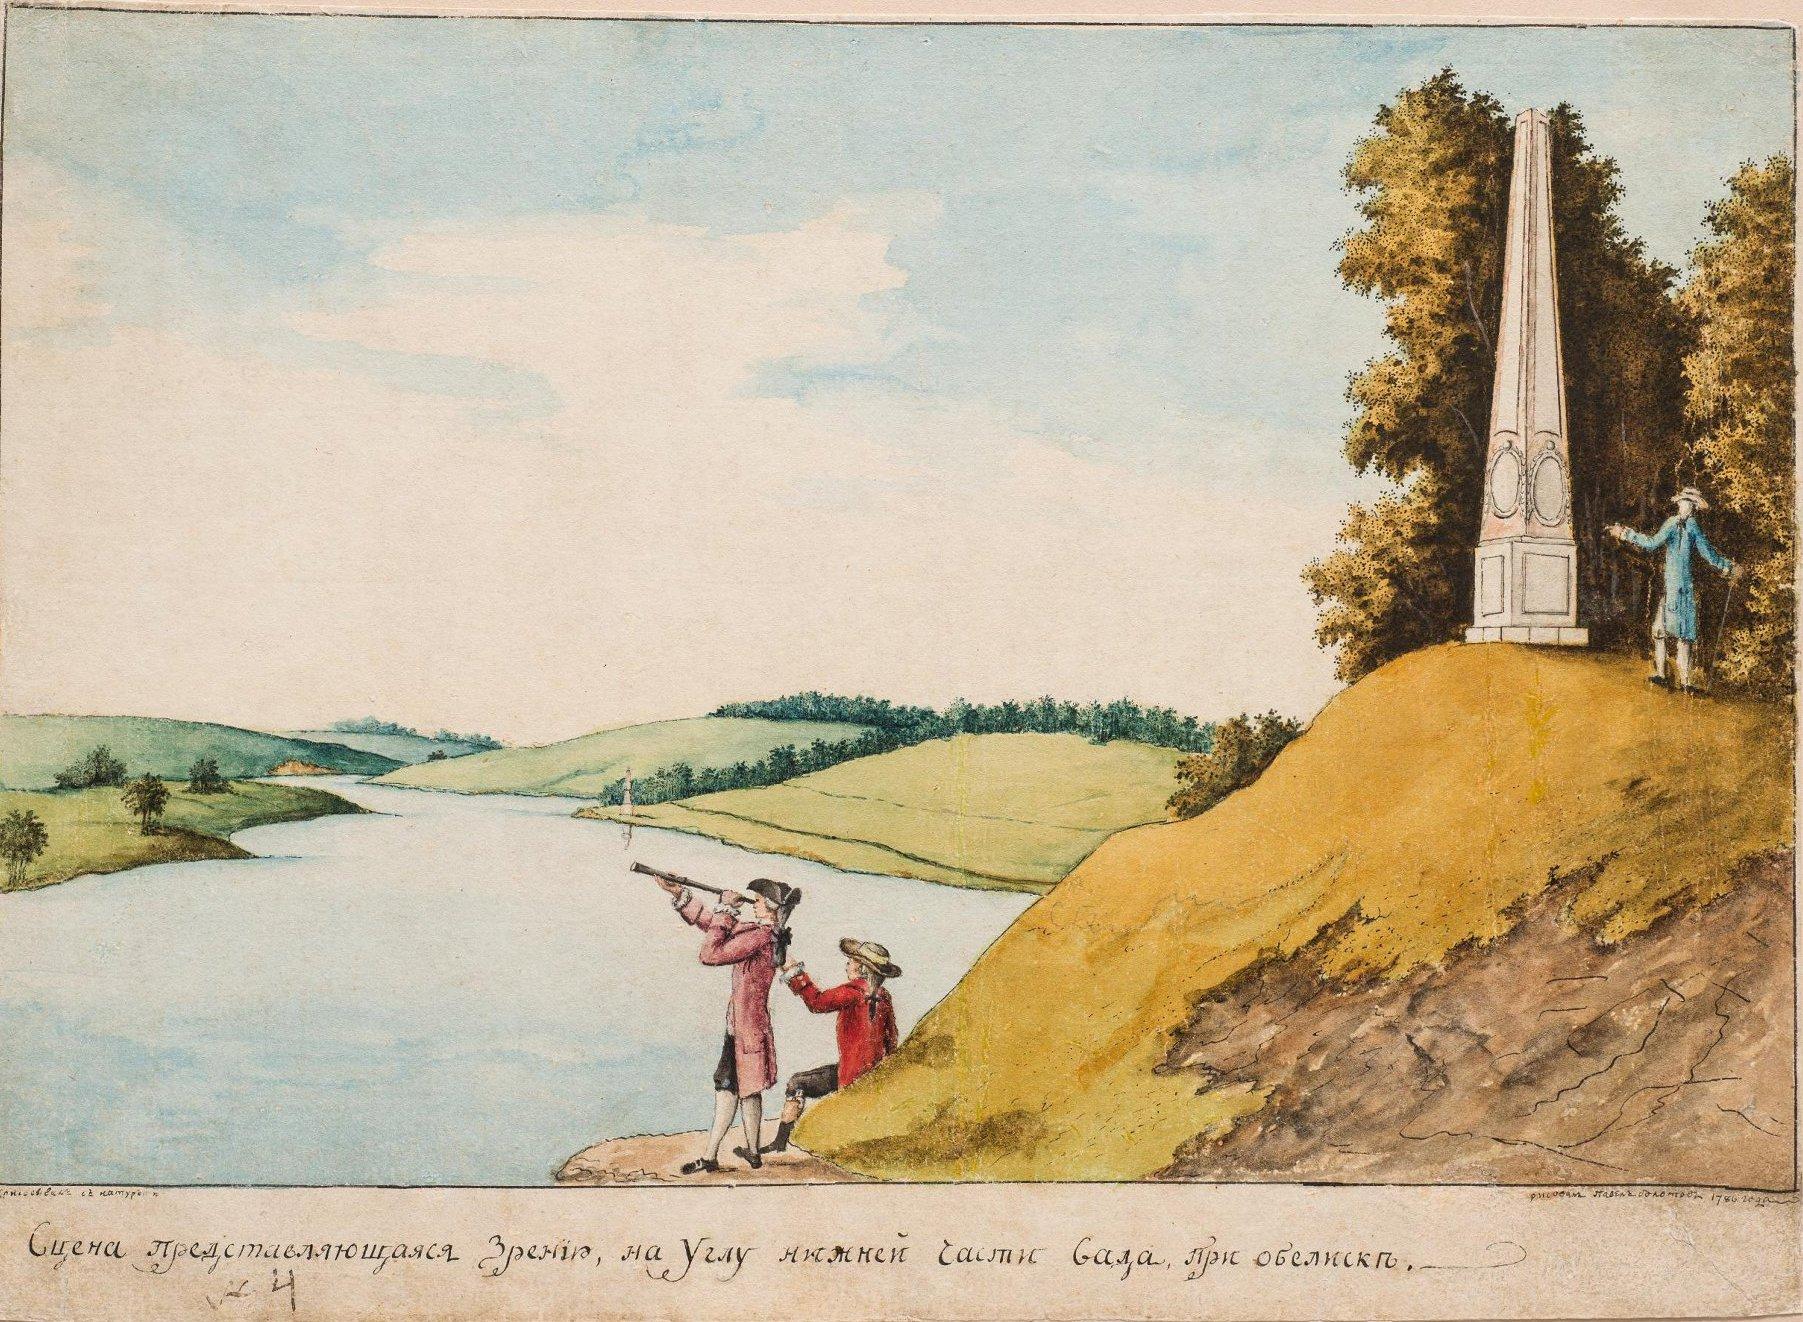 Вид на Большой пруд от обелиска в Богородицком парке (Сцена представляющаяся зрению на углу нижней части сада при обелиске)